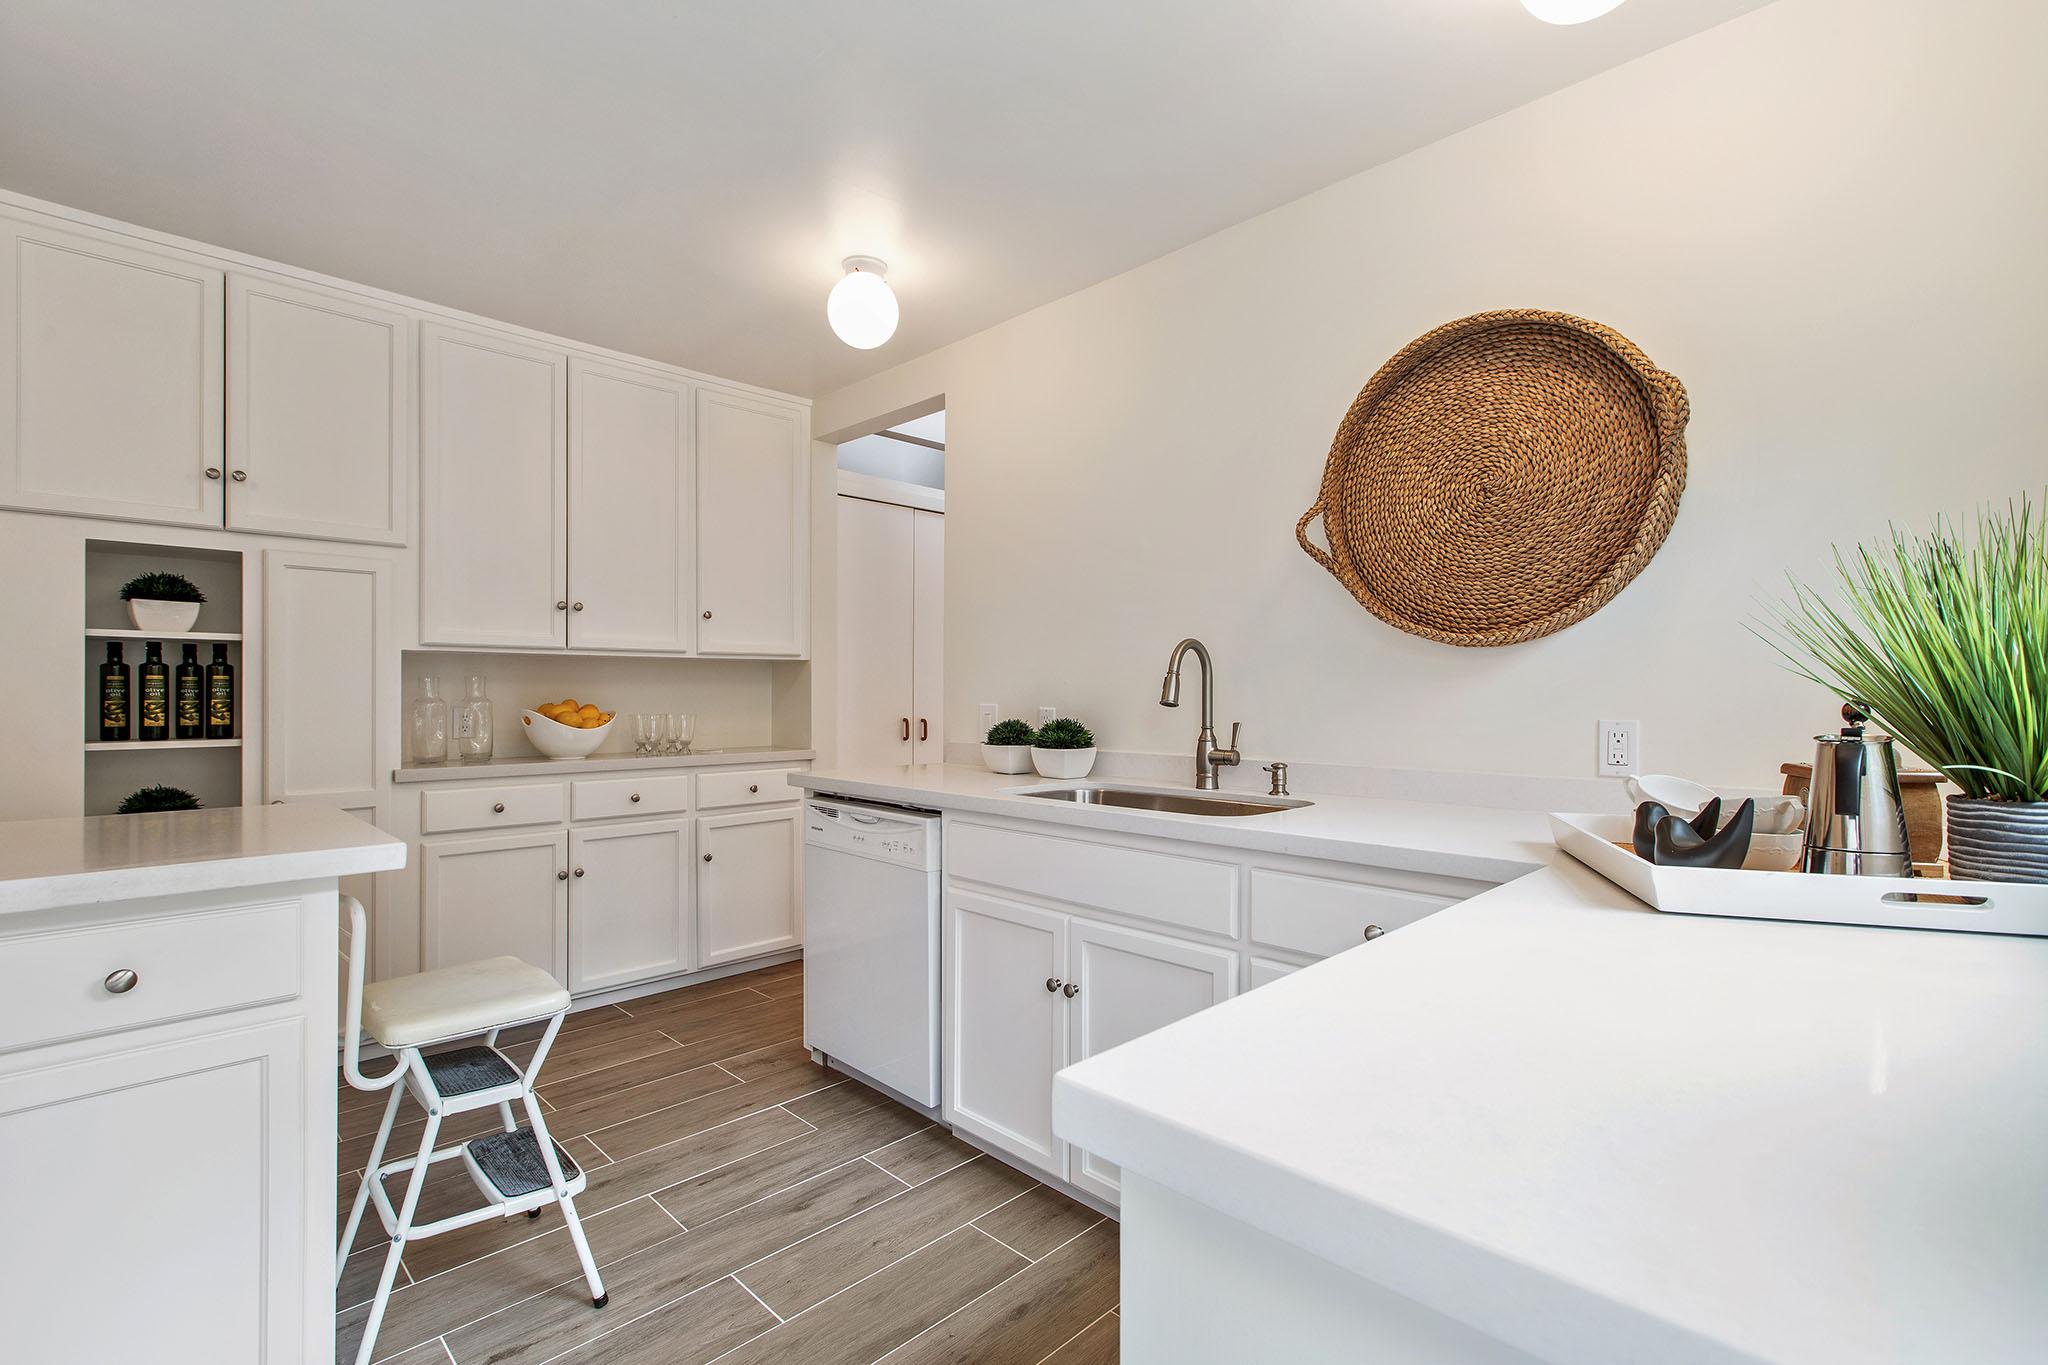 Kitchen - 3 cabinets.jpg